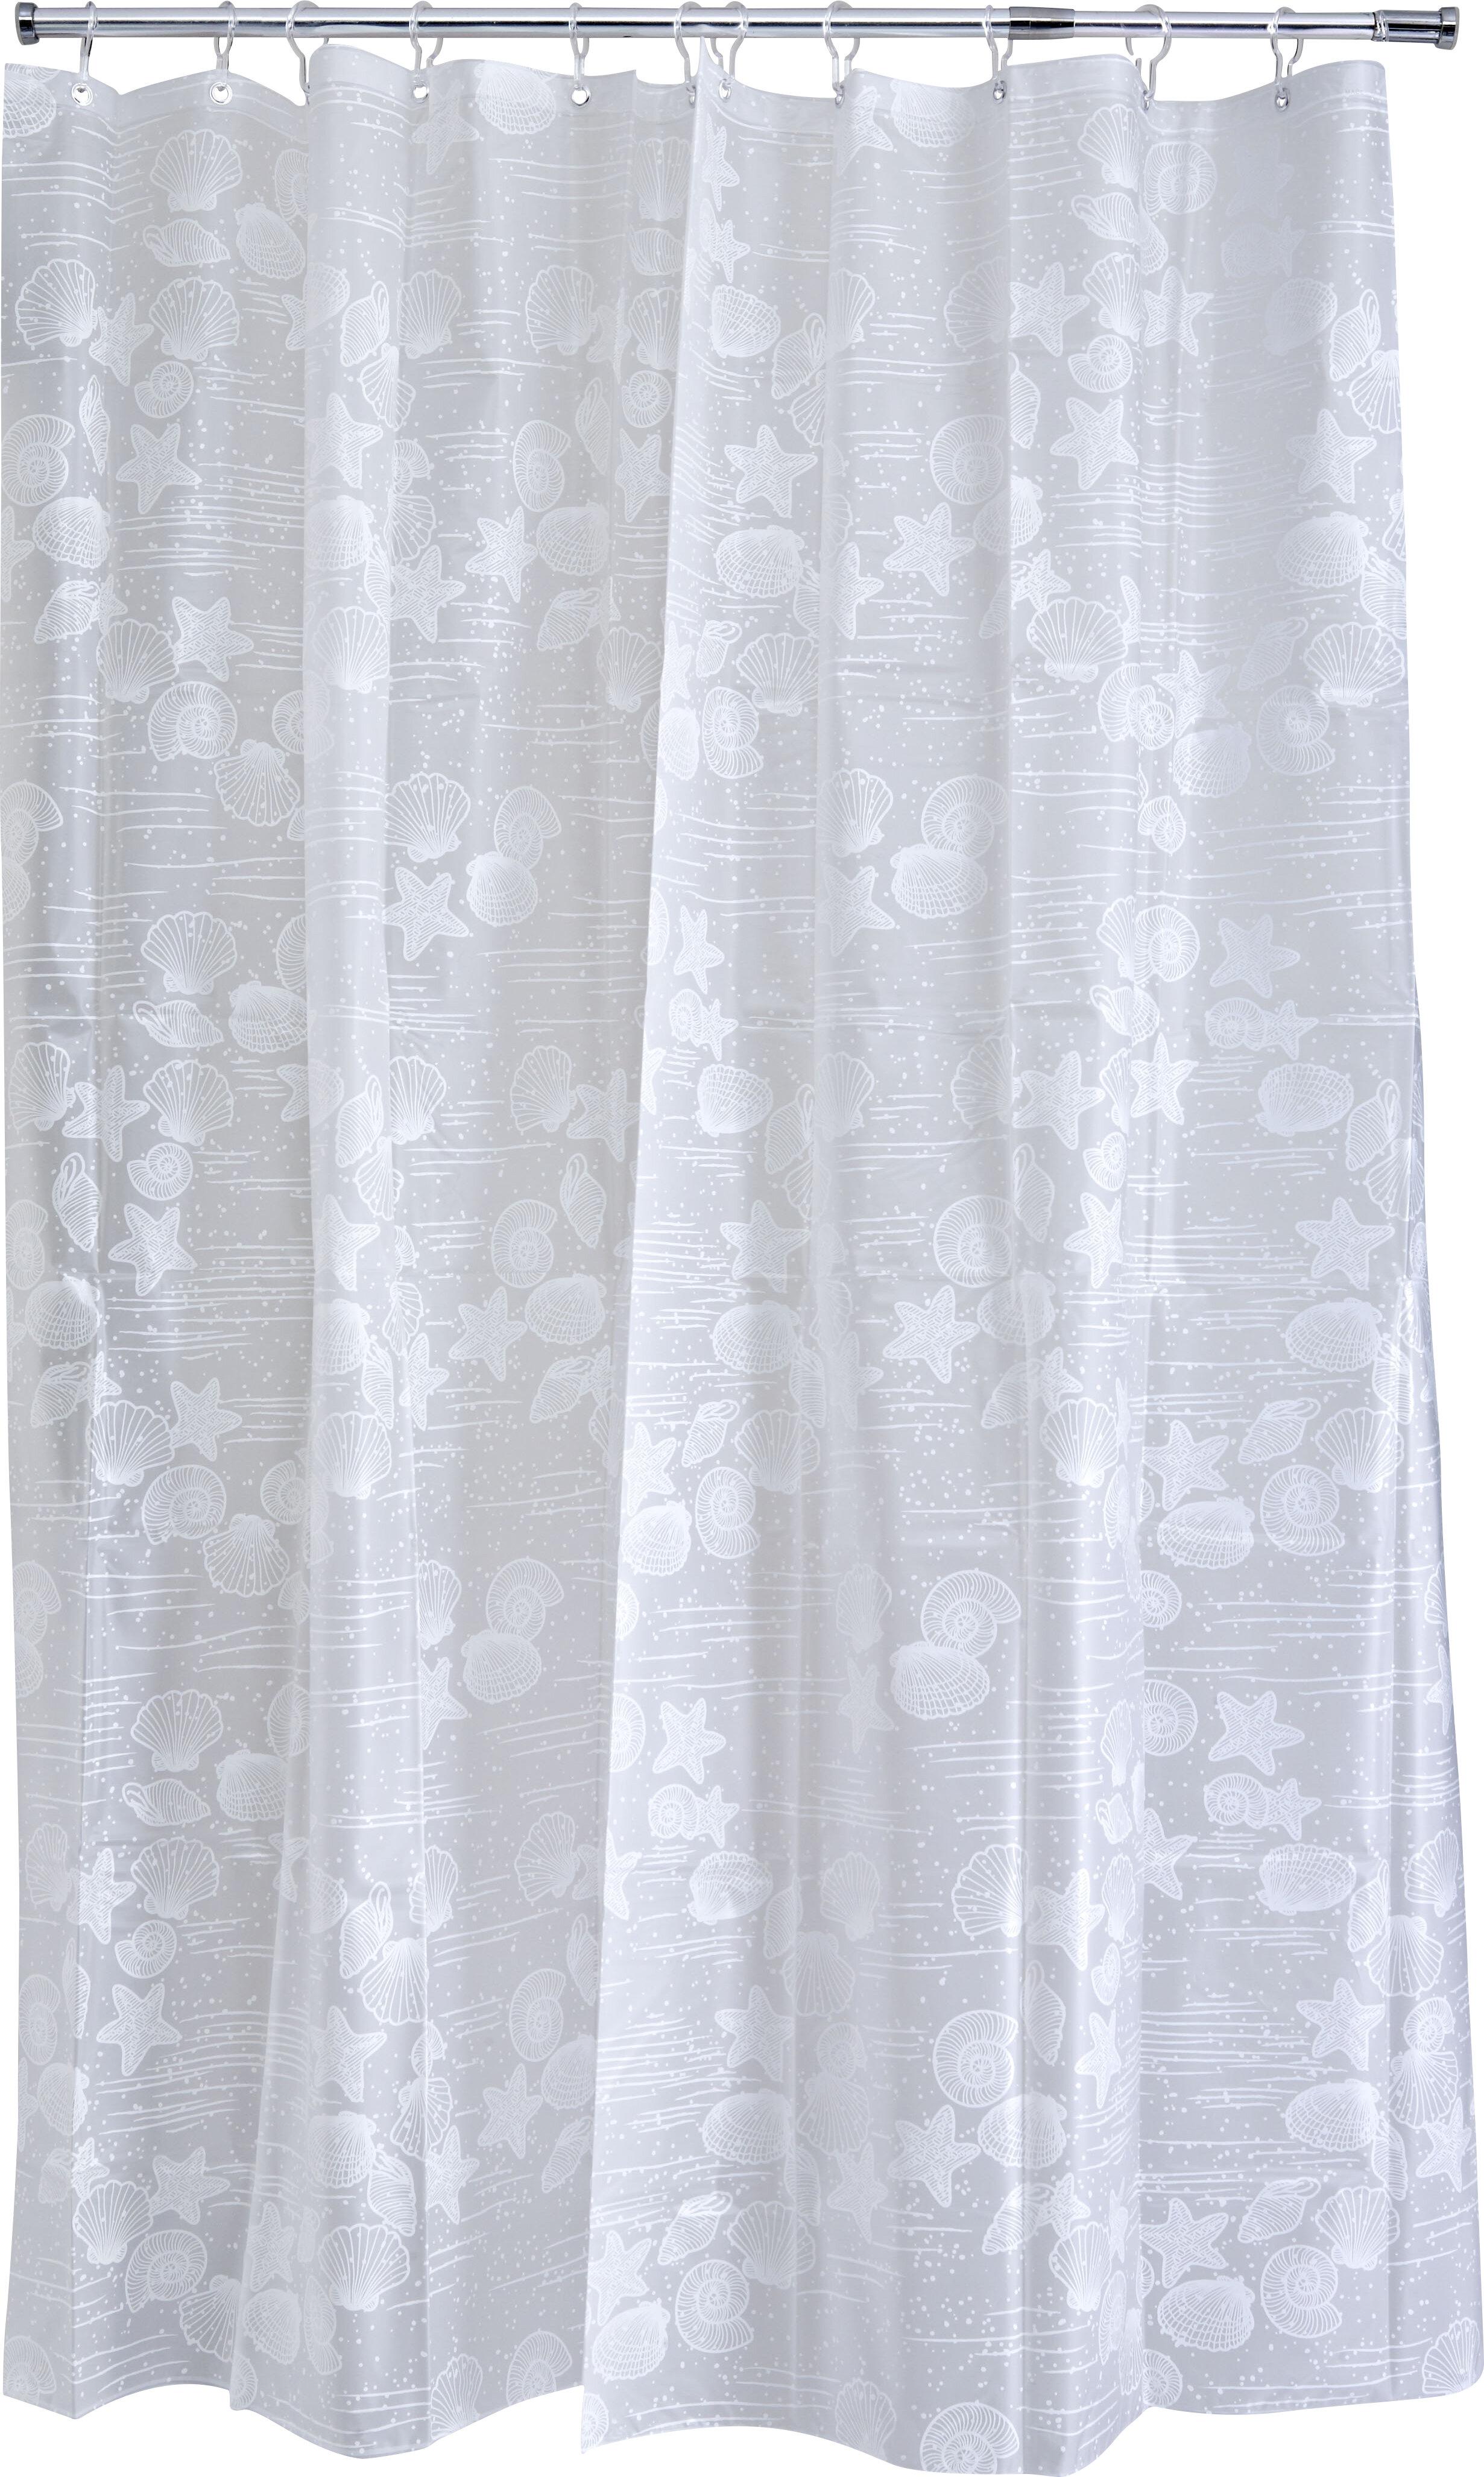 Mainstream By Aqualona Ocean PEVA Shower Curtain Reviews